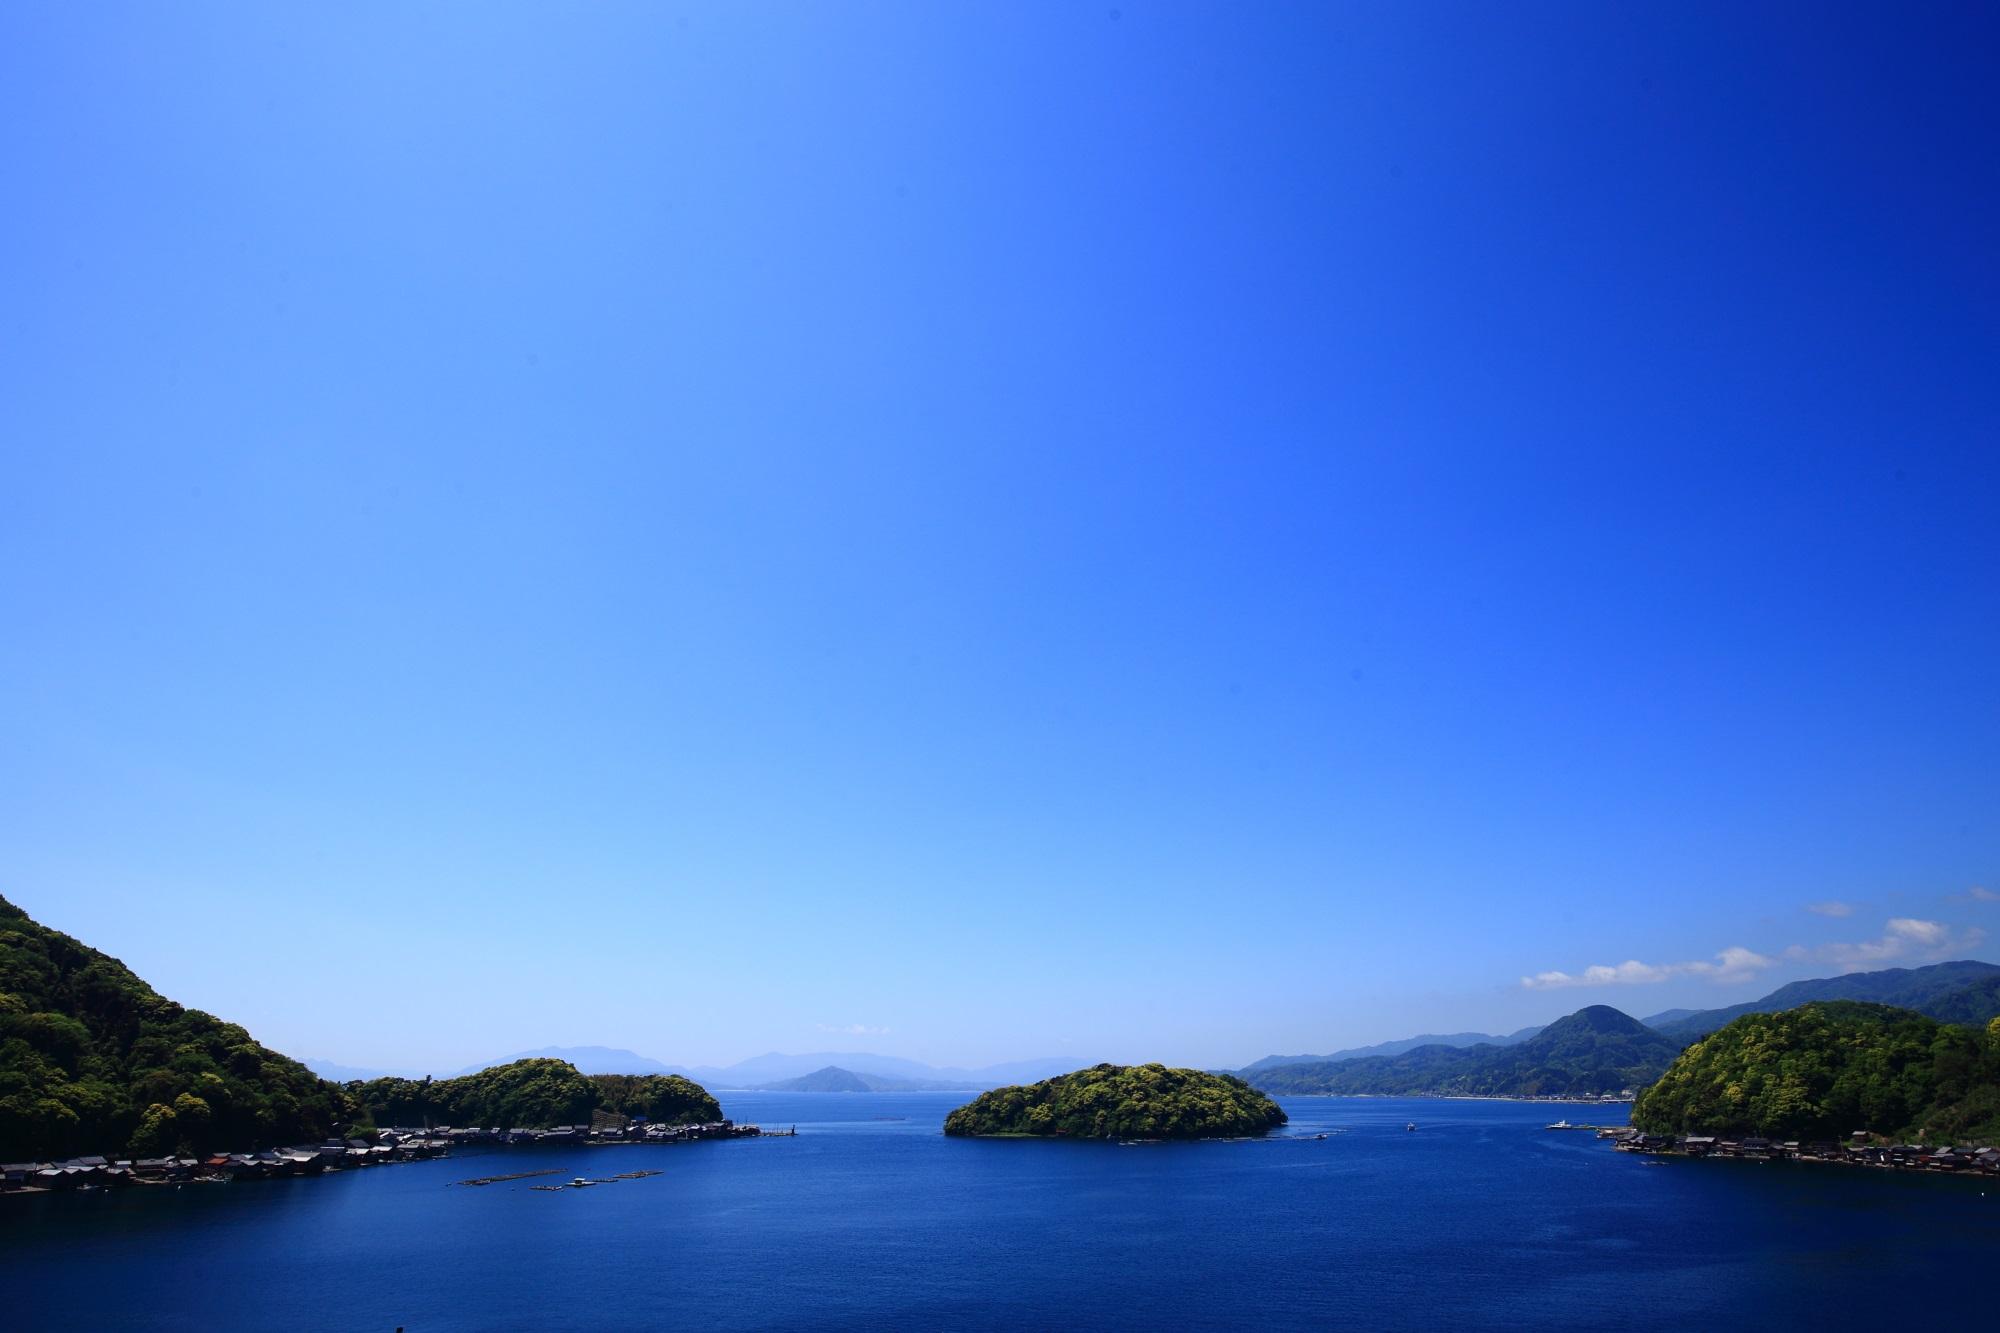 今後はもっと発展していくと思われる海の京都の伊根湾